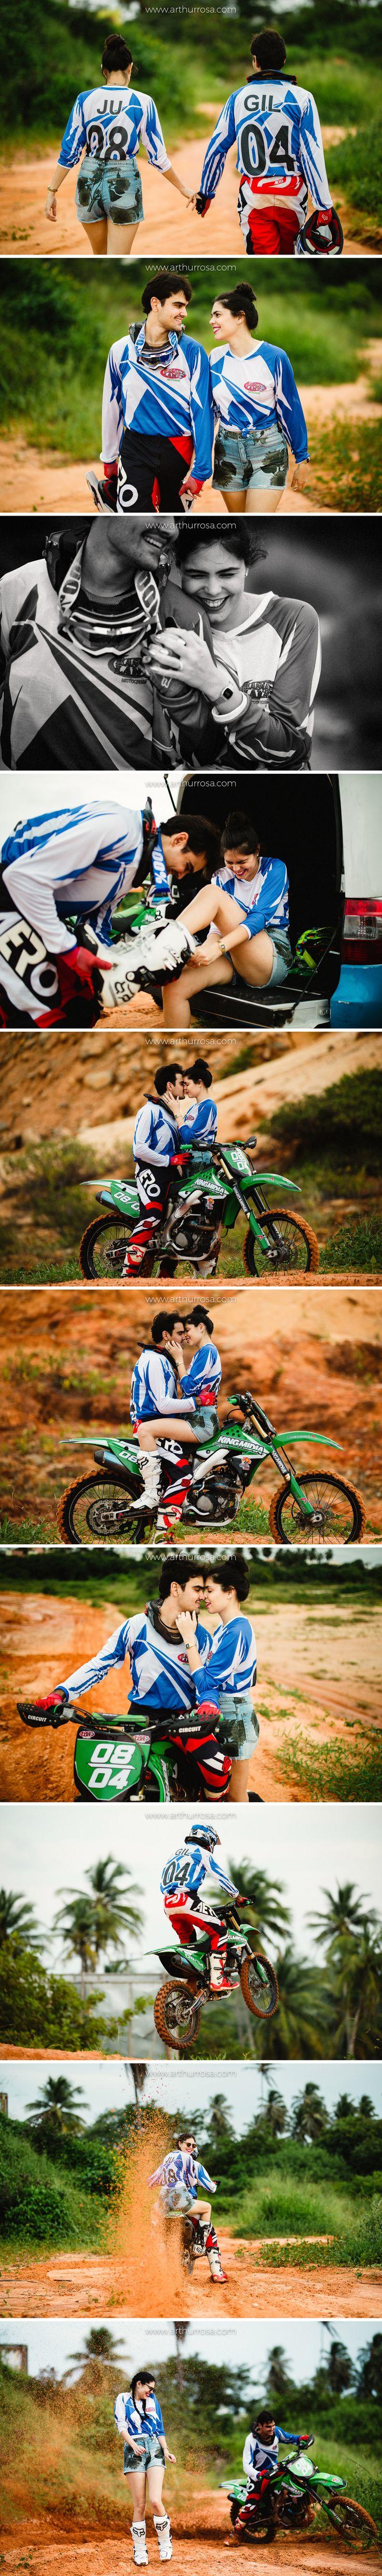 Fotos de casal em pisa de Motocross. Inspiração para sessão pré-casamento radical.